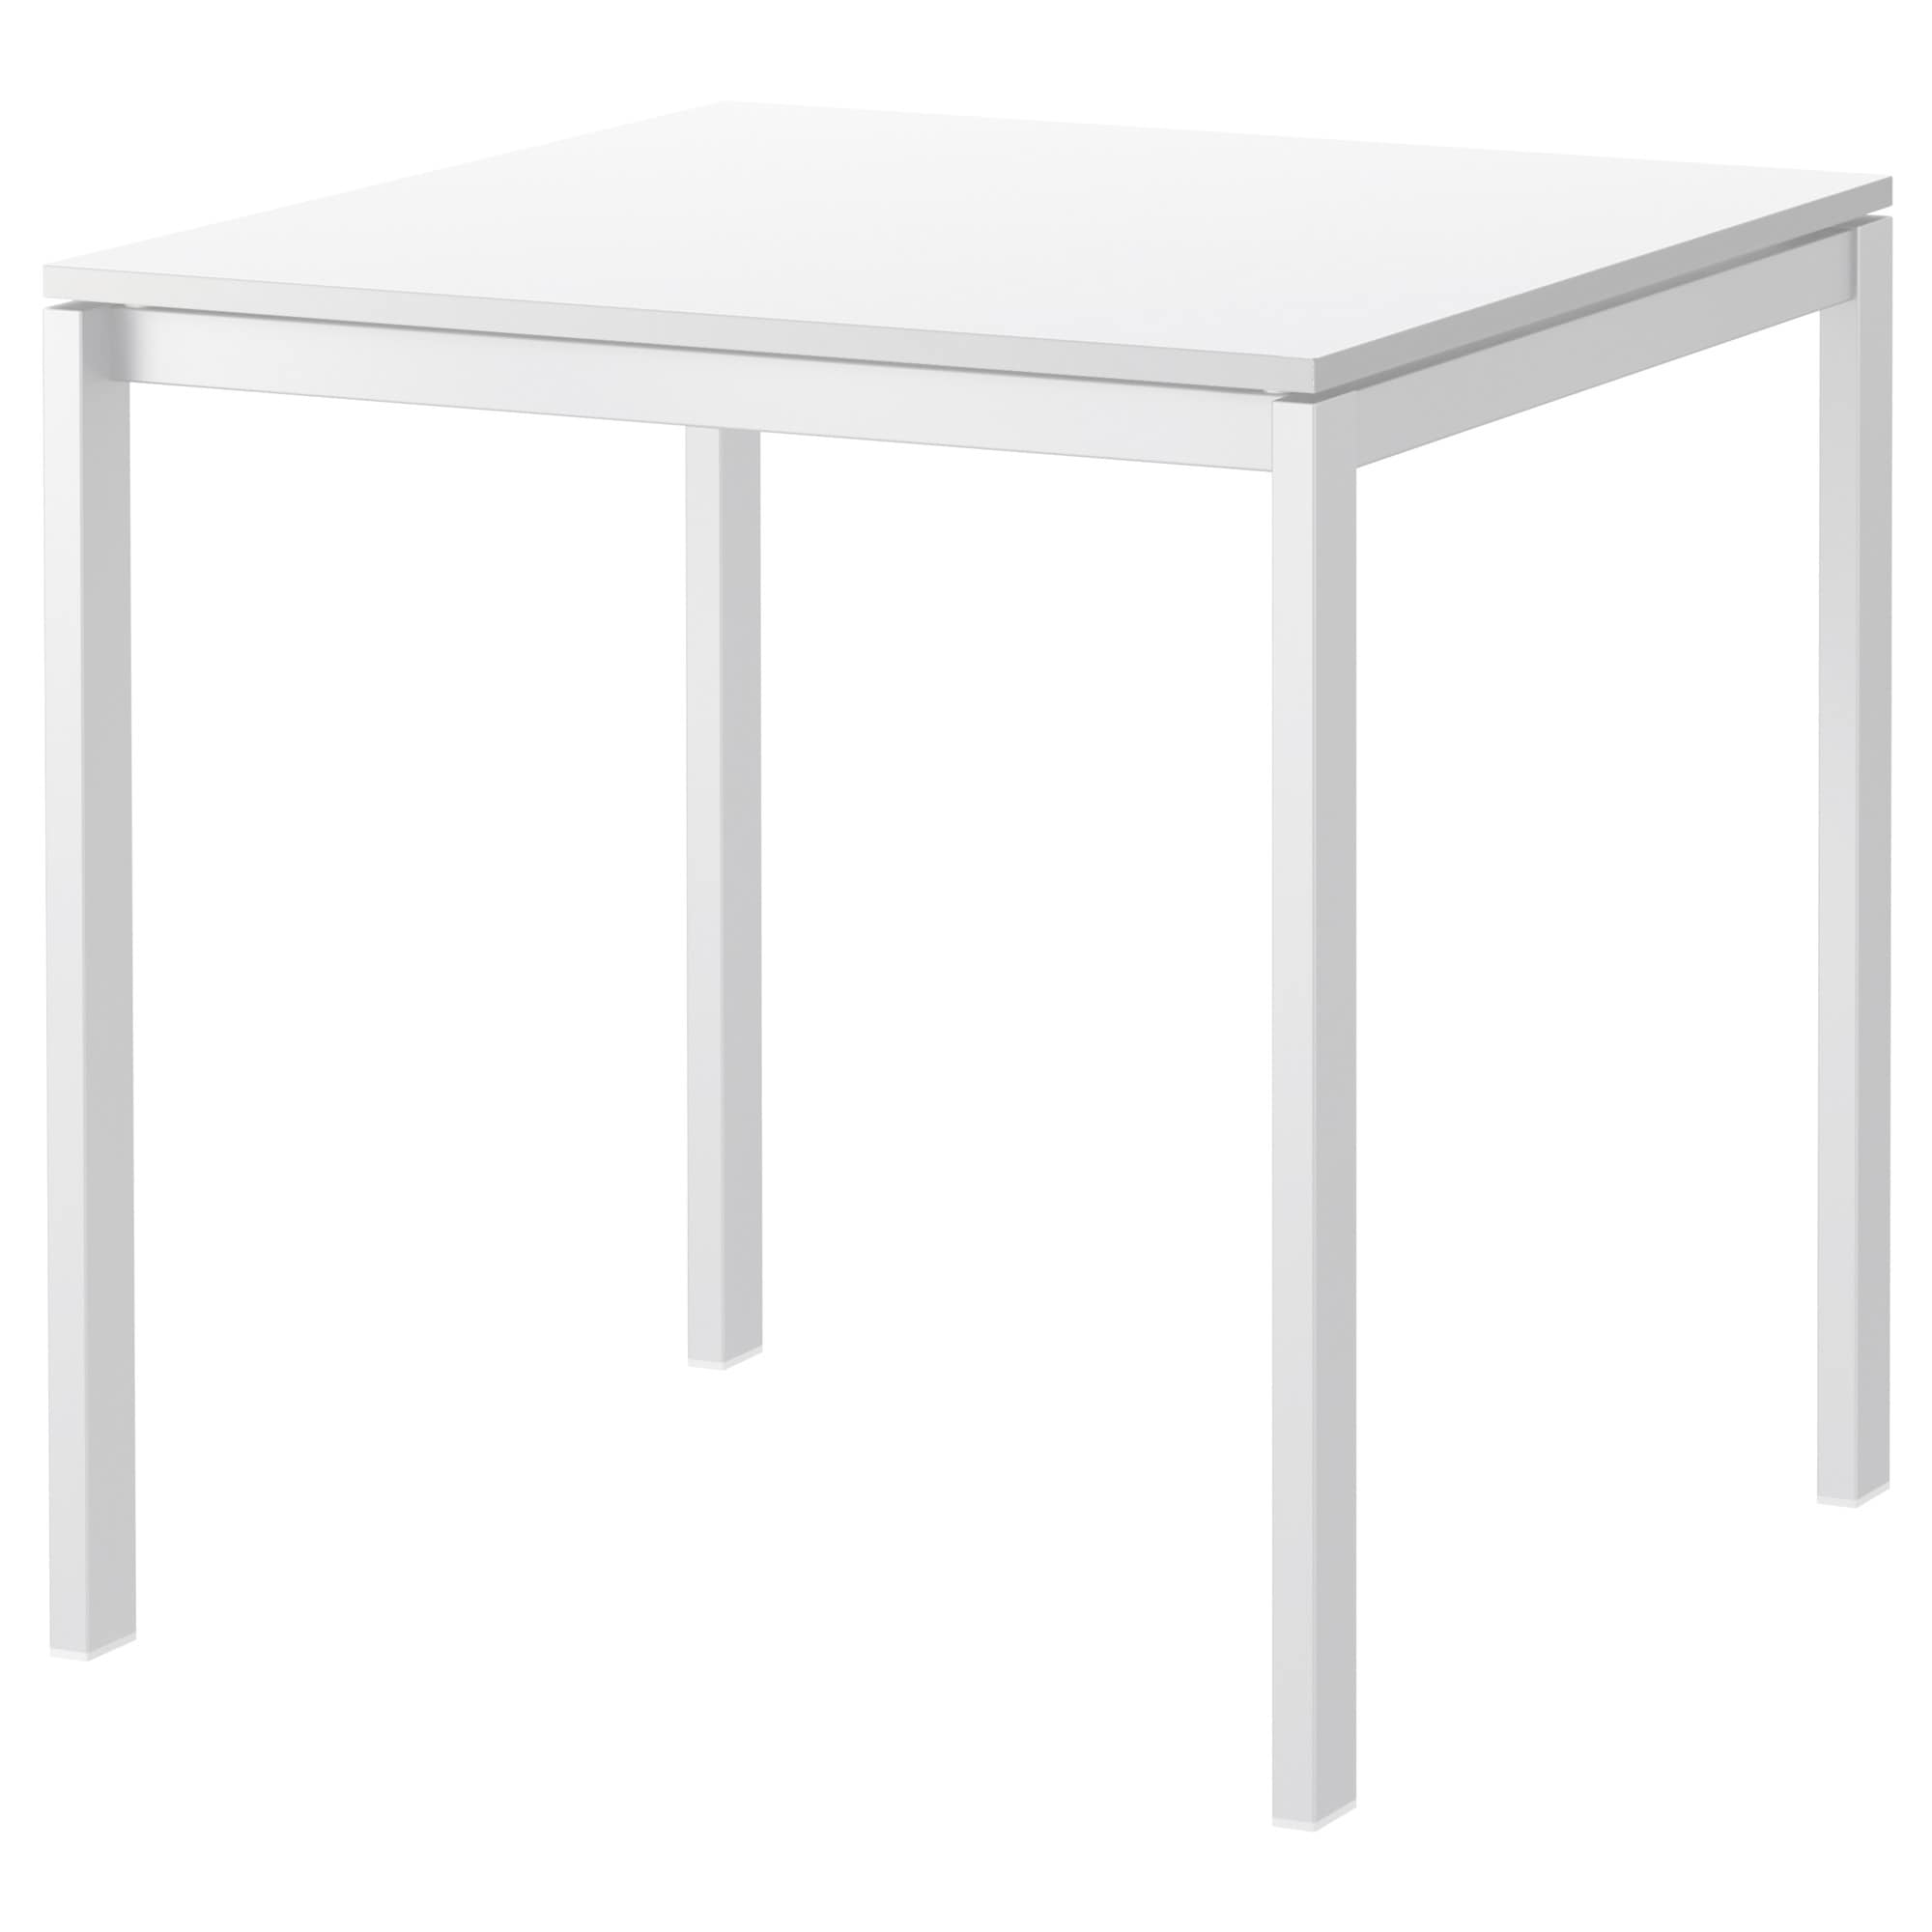 Melltorp Table White K 233 Zműves 246 Tletek Ikea Table